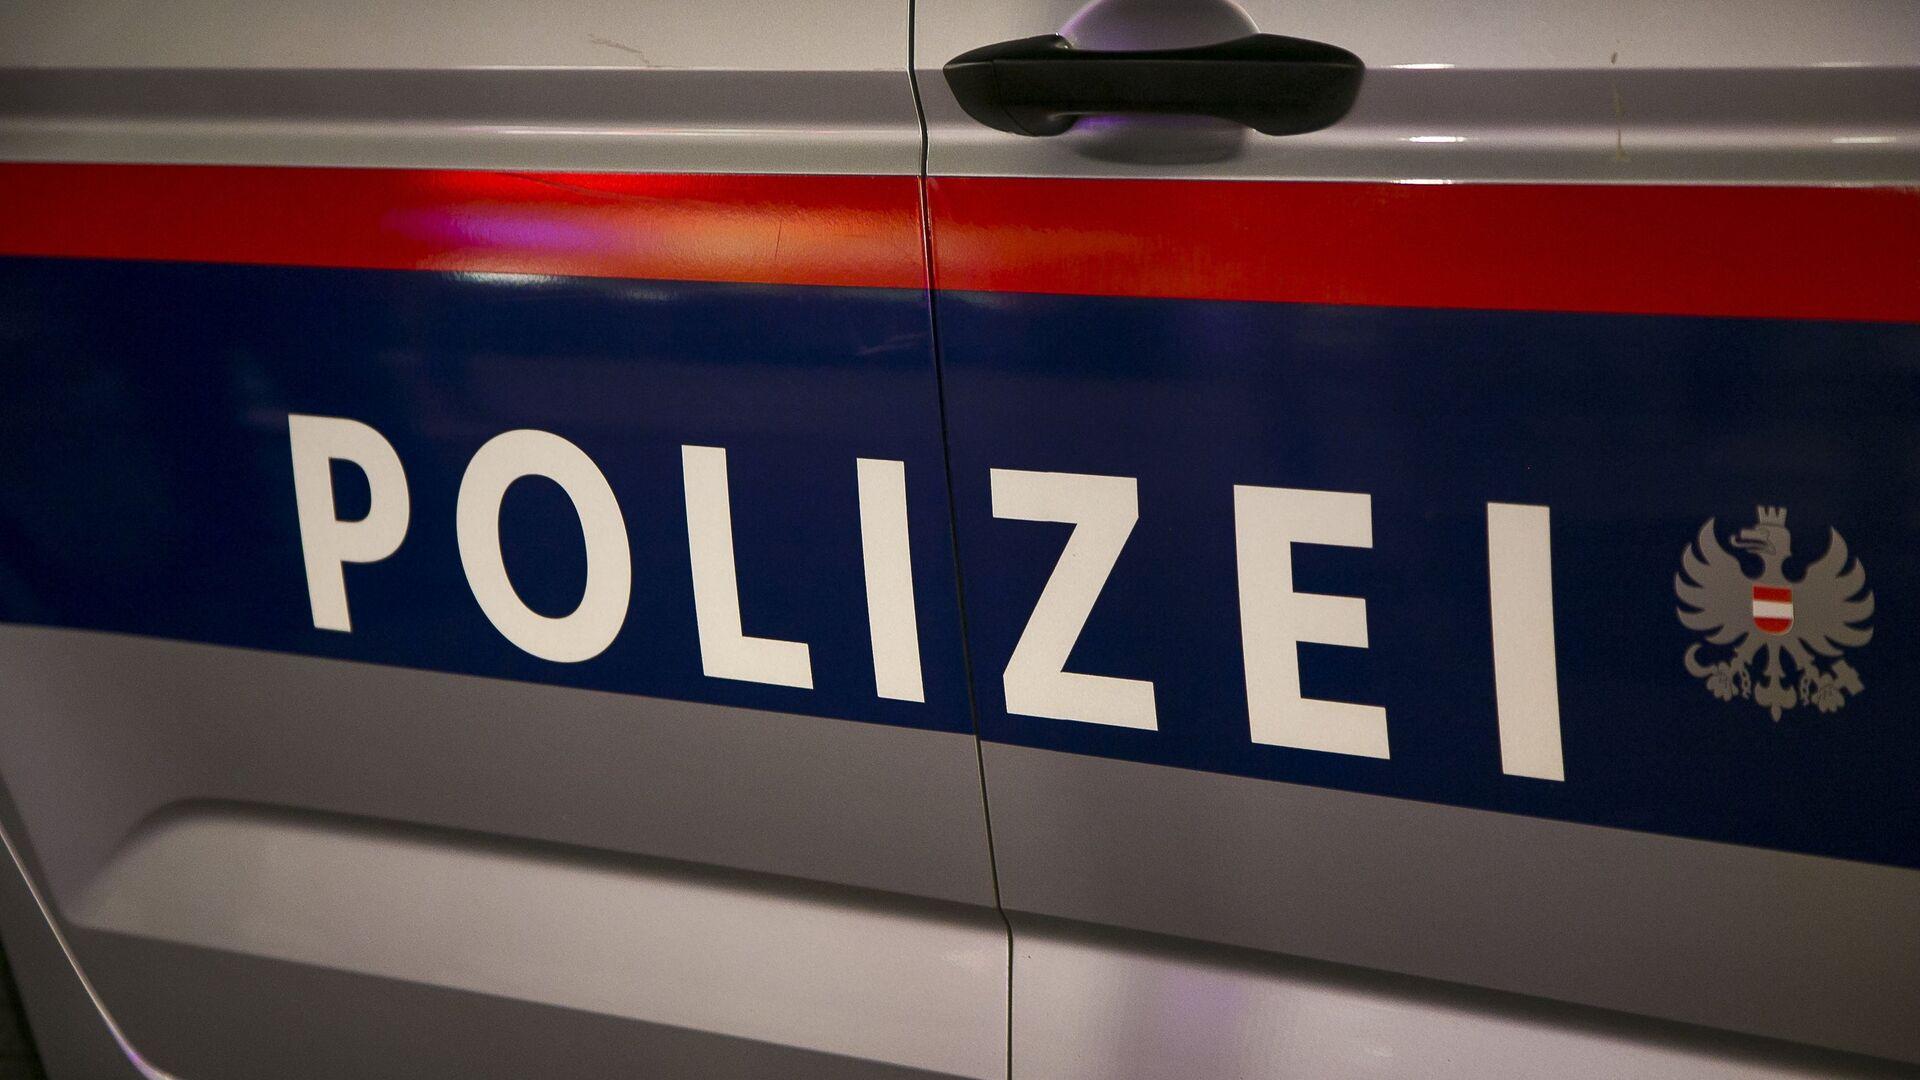 Автомобиль полиции в Австрии - РИА Новости, 1920, 06.10.2019